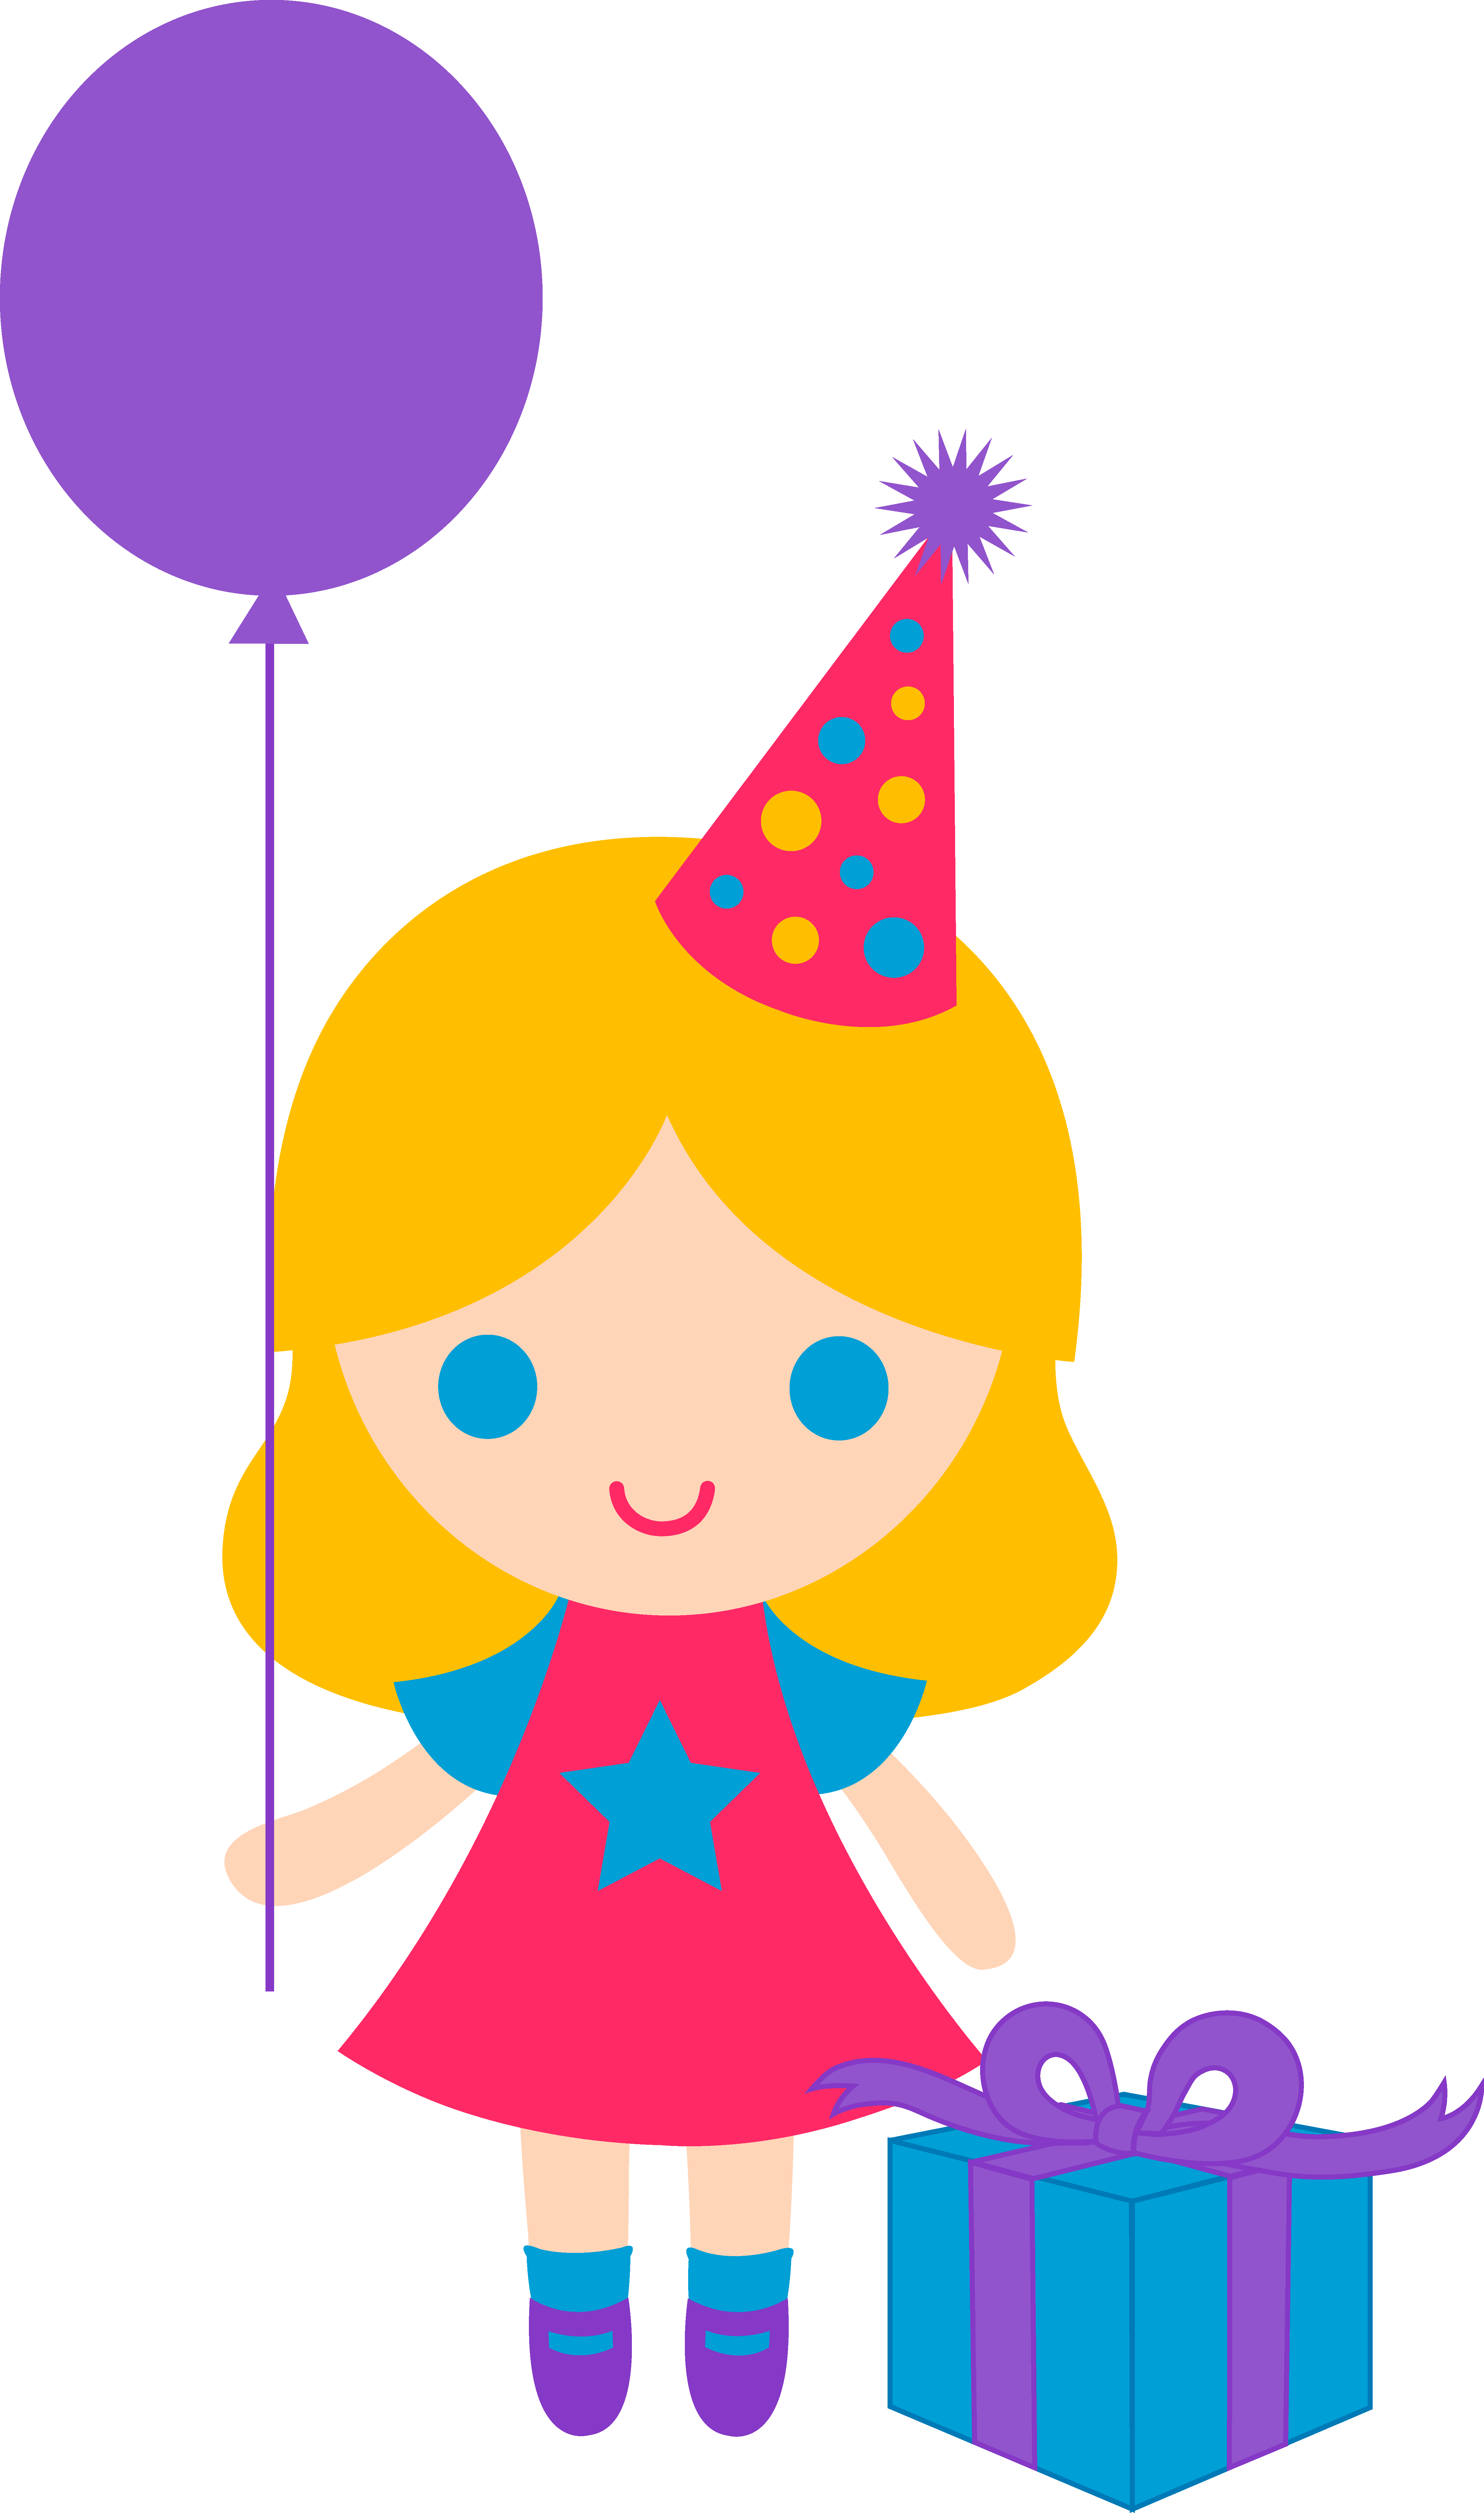 Kindergarten clipart birthday. Images of baby girls